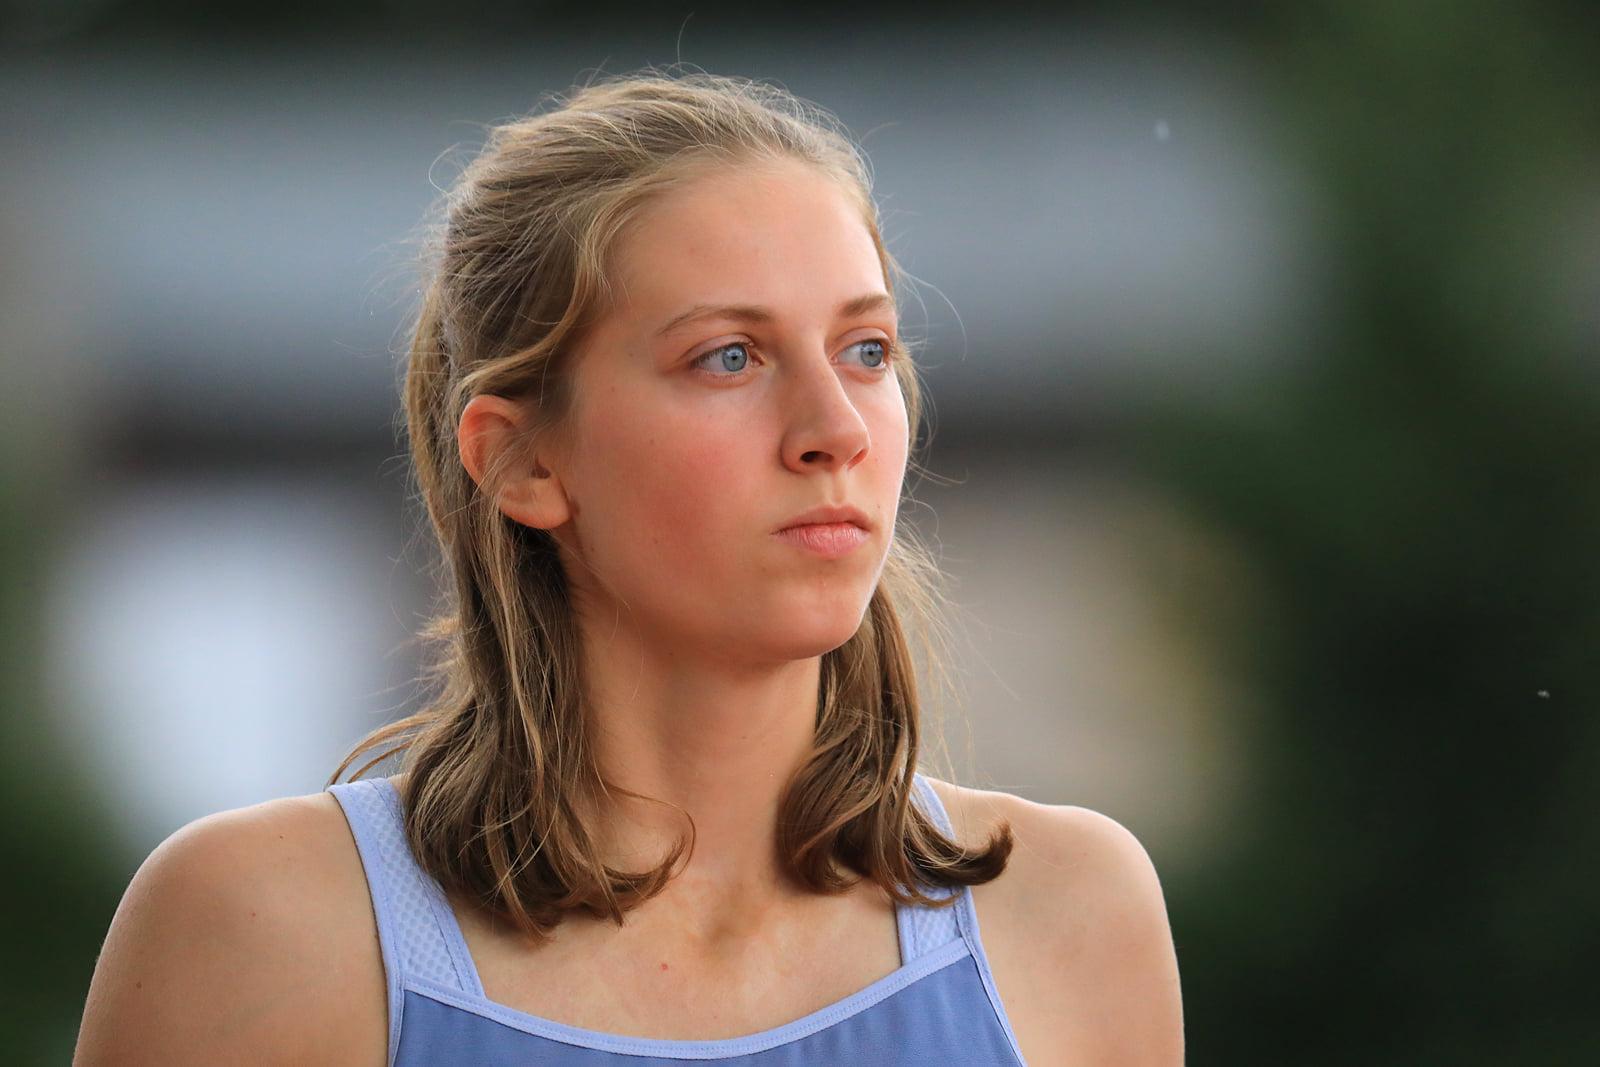 Wiktoria Miąso następczynią mistrzyni Kamili Lićwinko - Zdjęcie główne